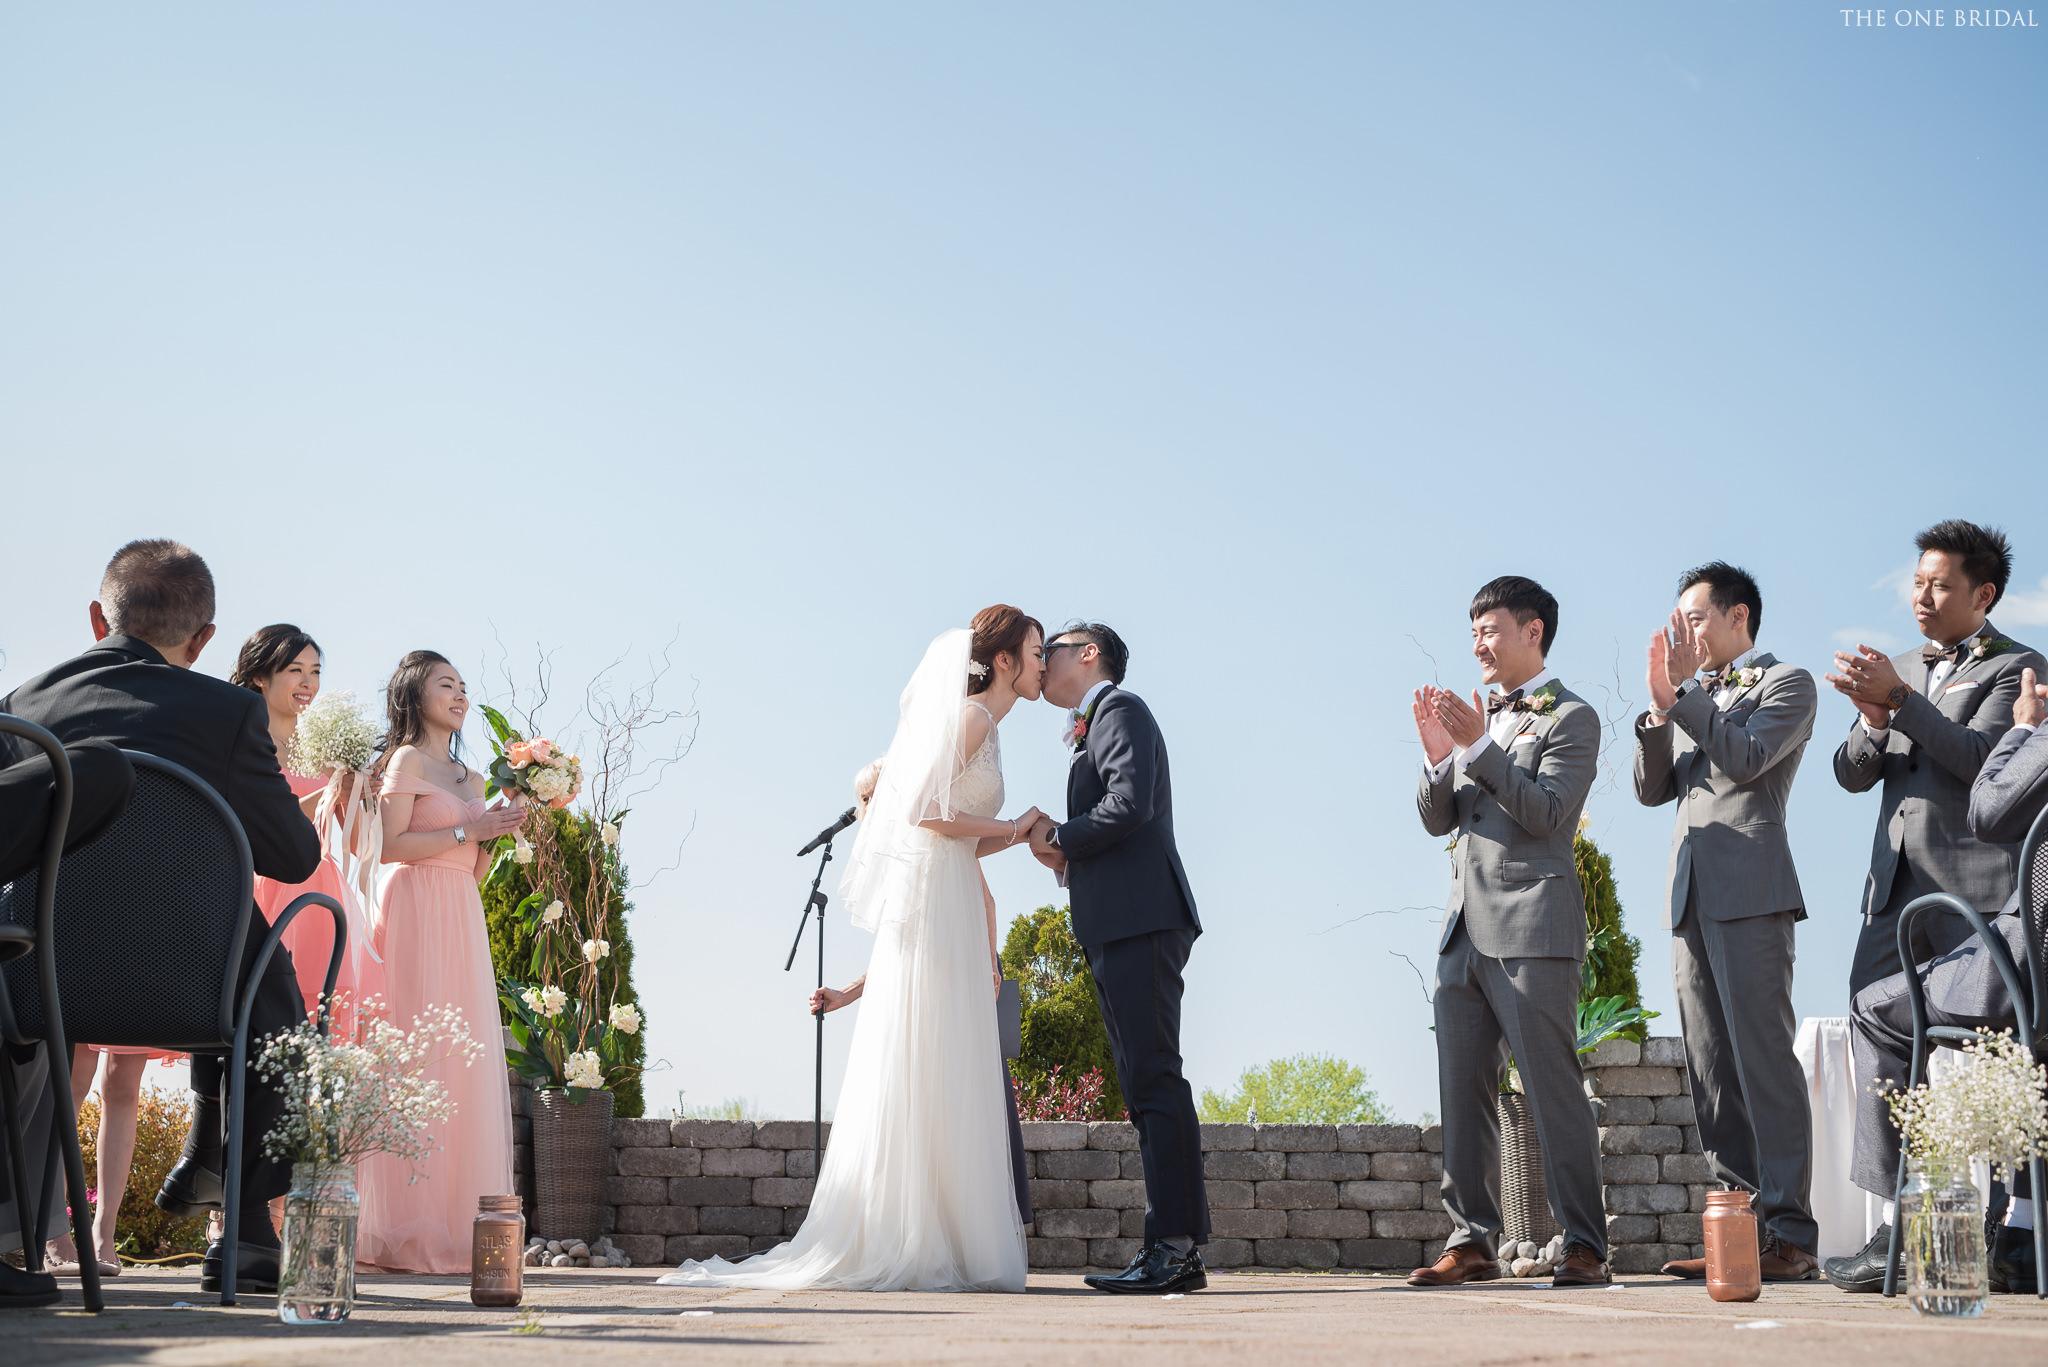 mandarin-golf-club-wedding-markham-the-one-bridal-041